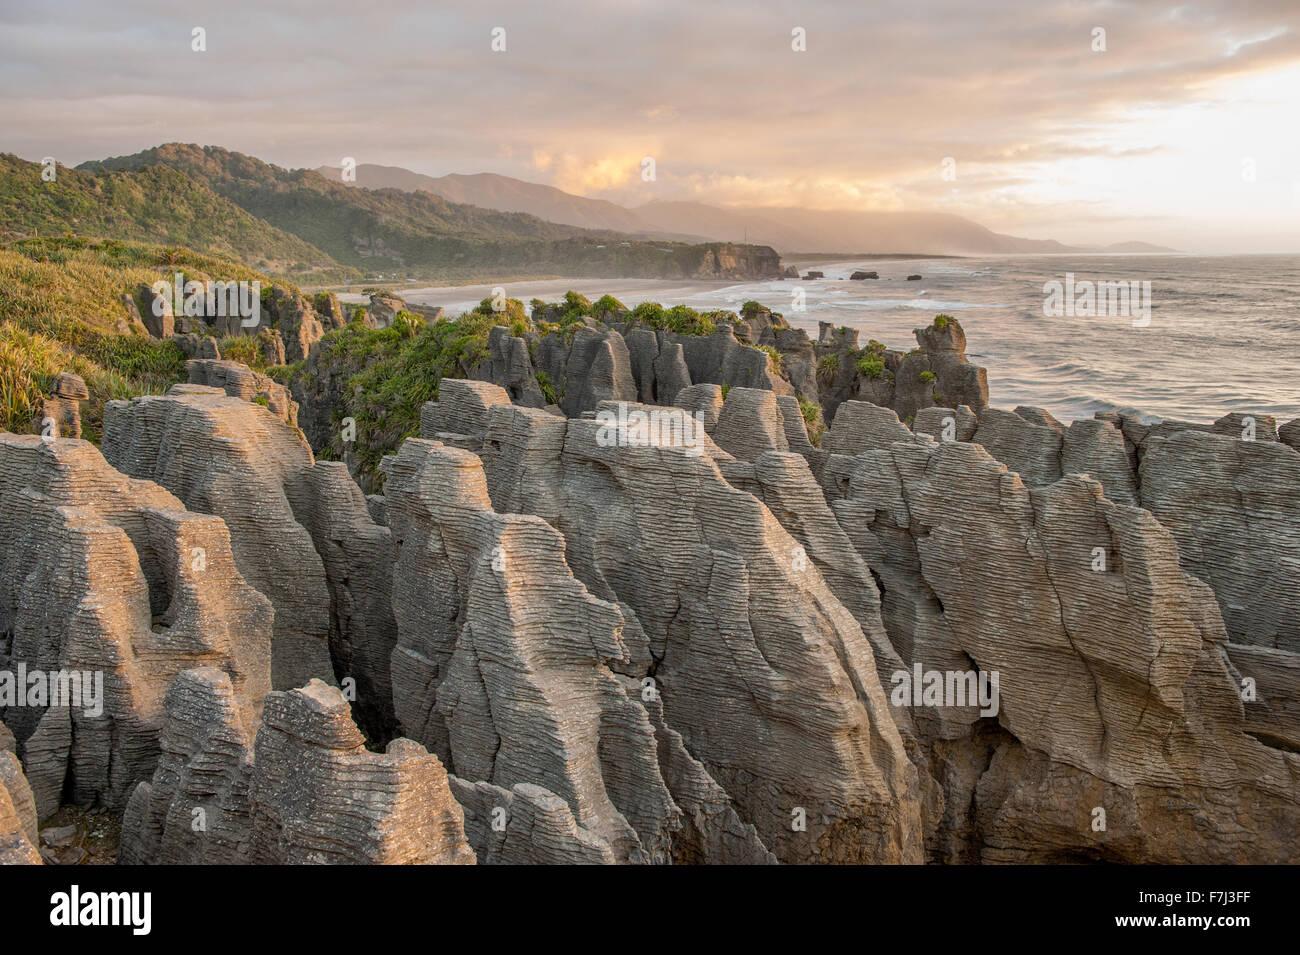 Pancake rocks in Punakaiki, South Island, New Zealand - Stock Image